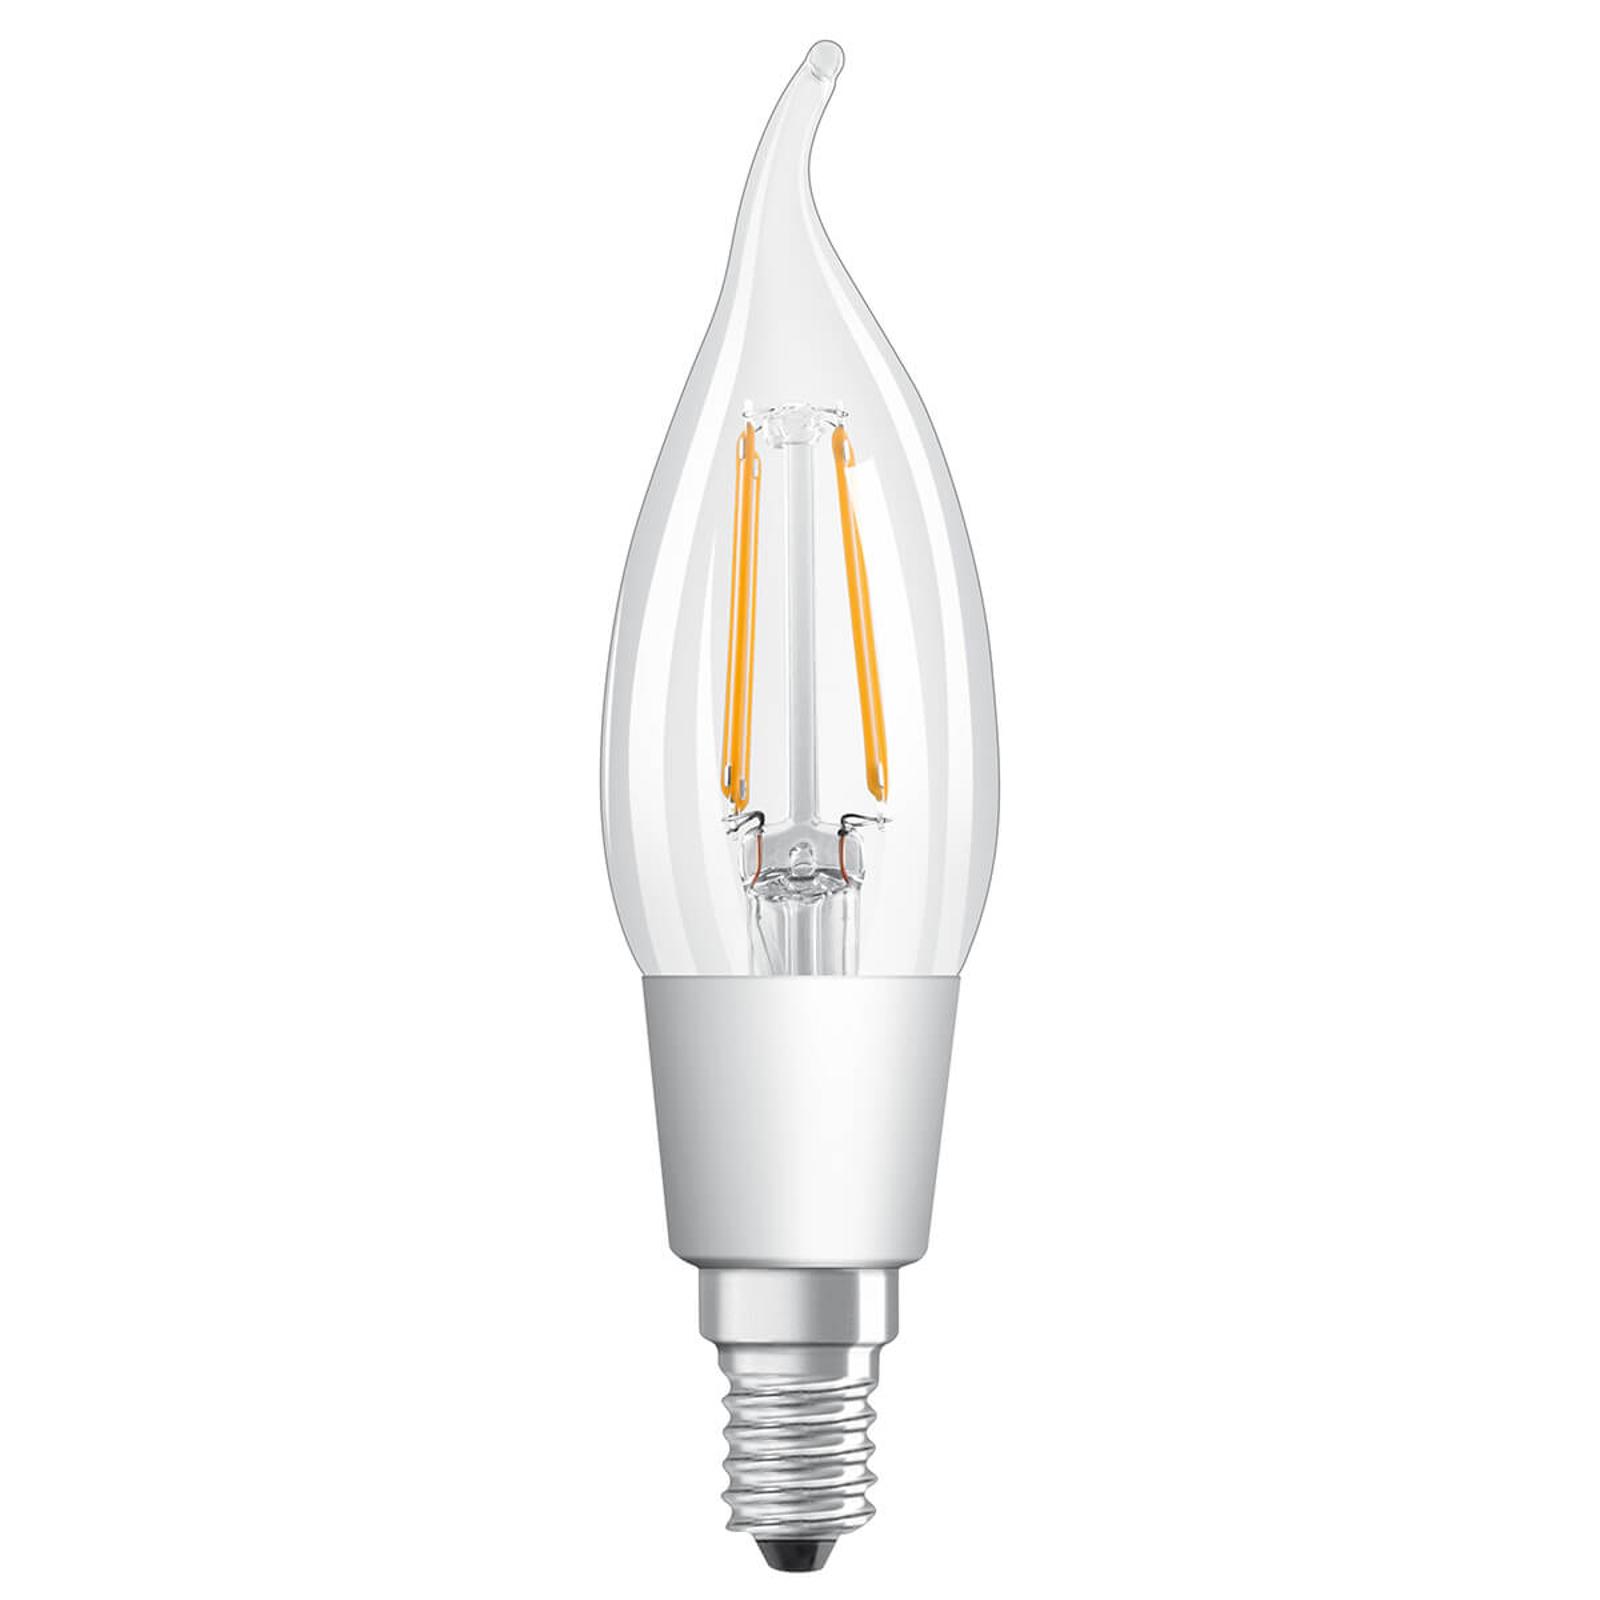 LED-Windstoßlampe E14 5W warmweiß dimmbar klar